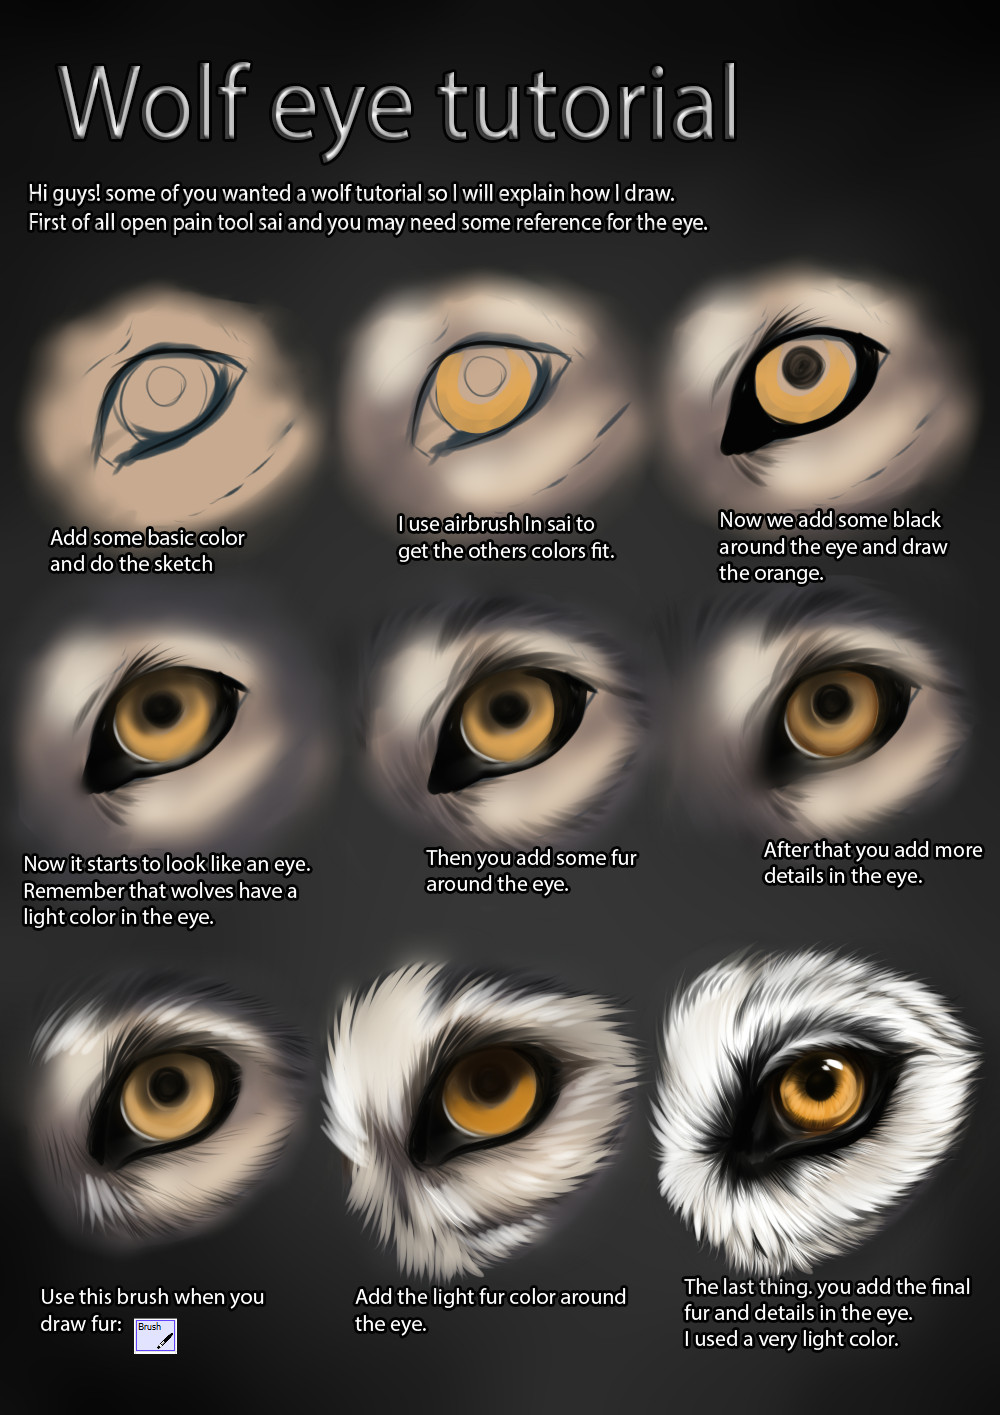 wolf eye tutorial by themysticwolf deviantart com on deviantart